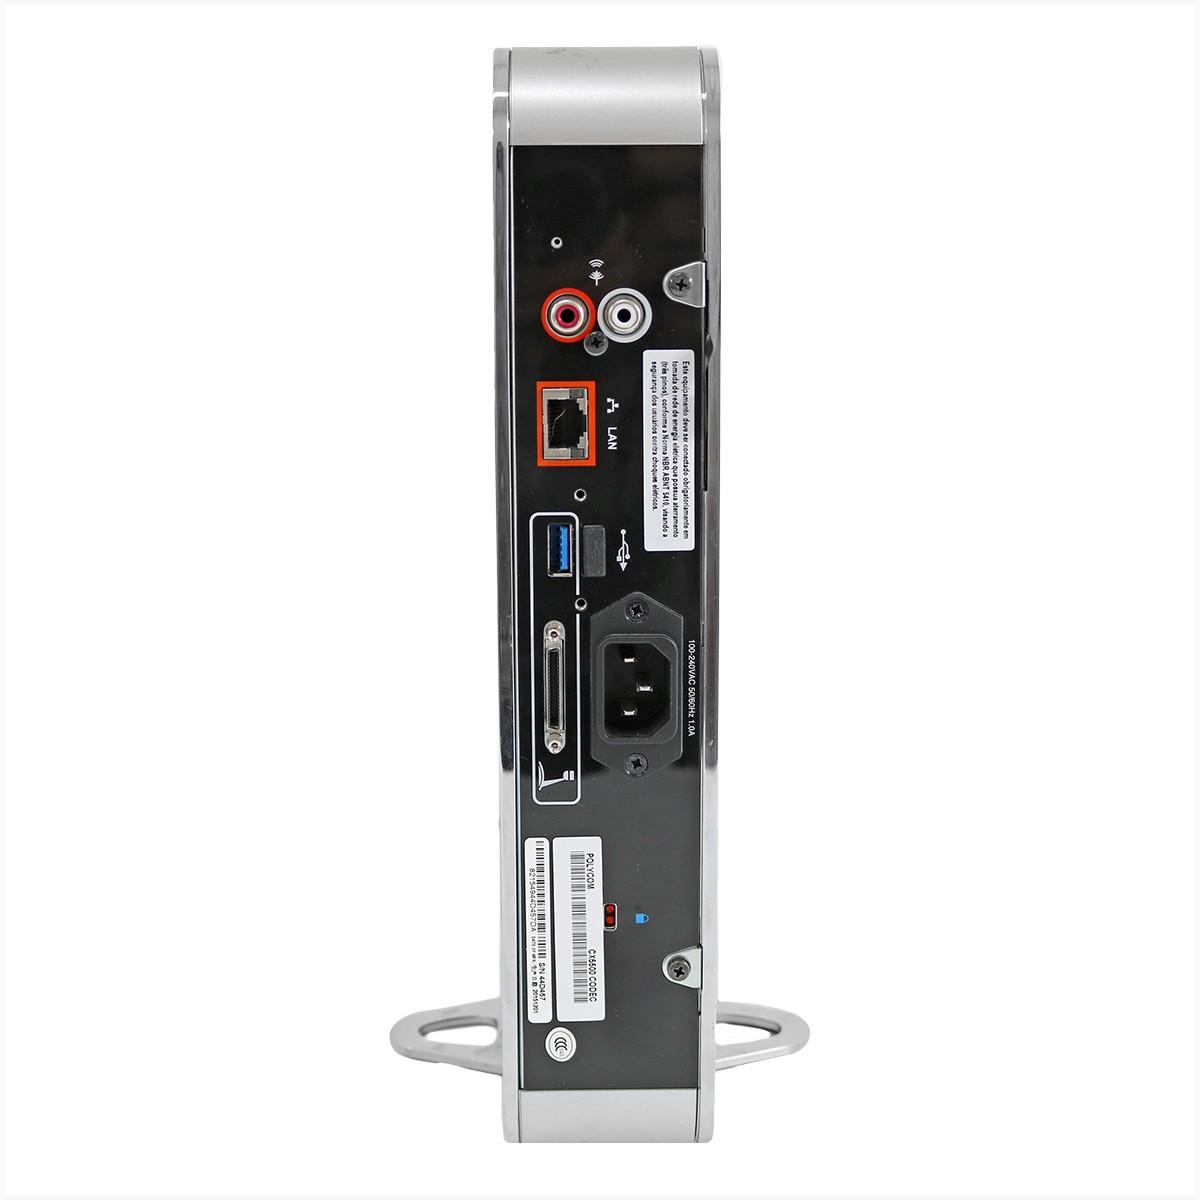 Ip conference phone polycom cx5500 - usado